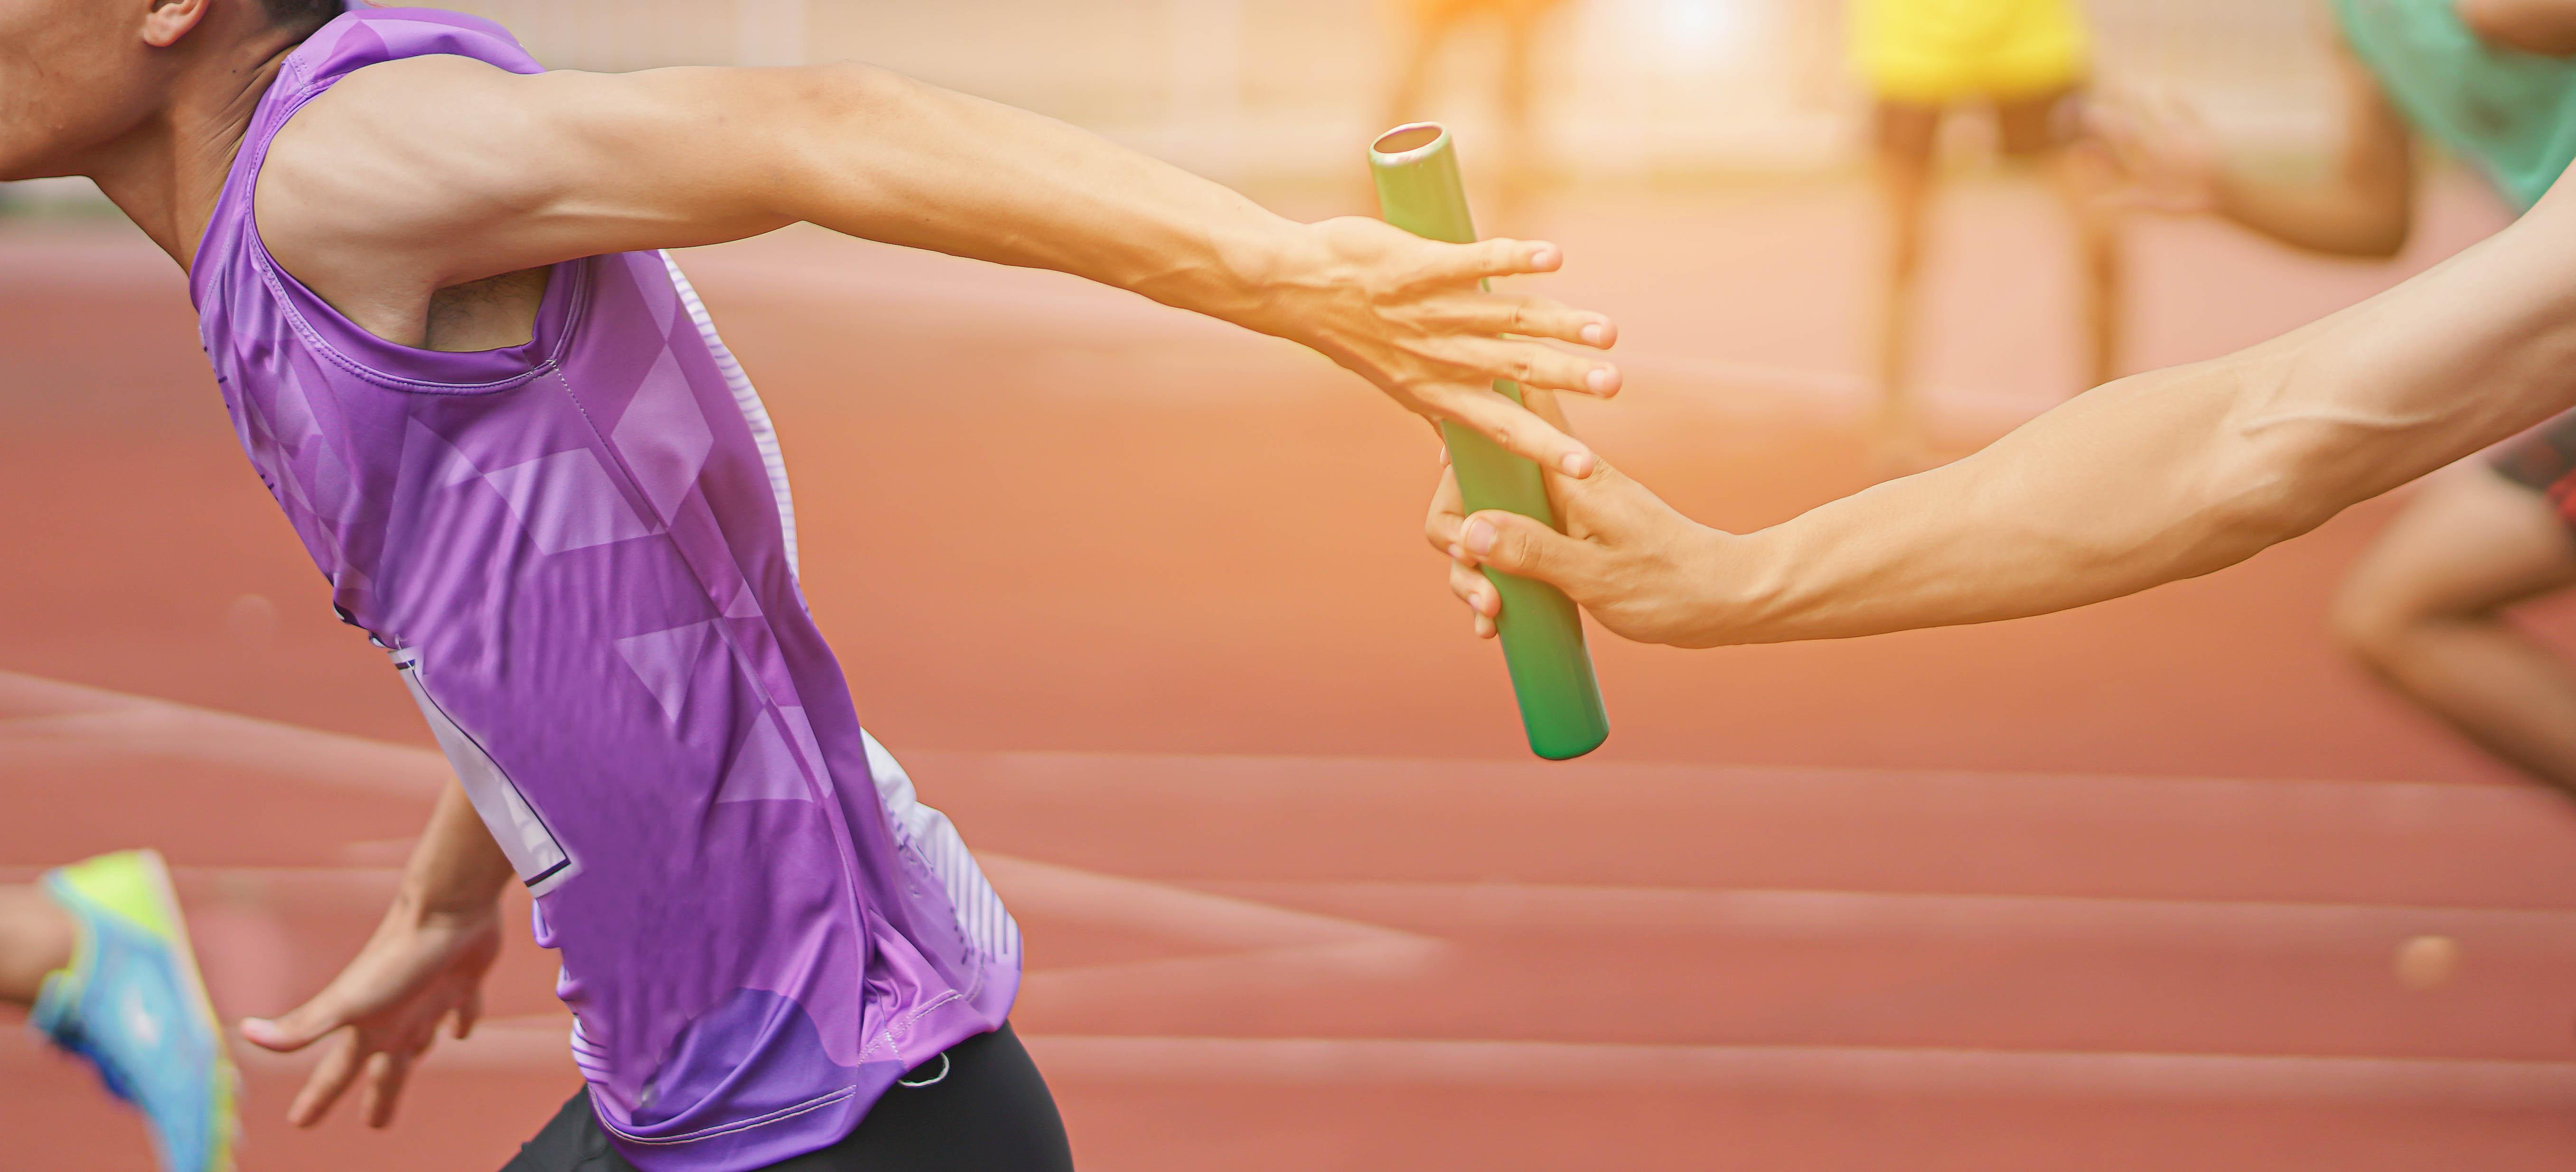 atleta-passa-o-bastão-para-o-próximo-revezando-a-vez-de-correr